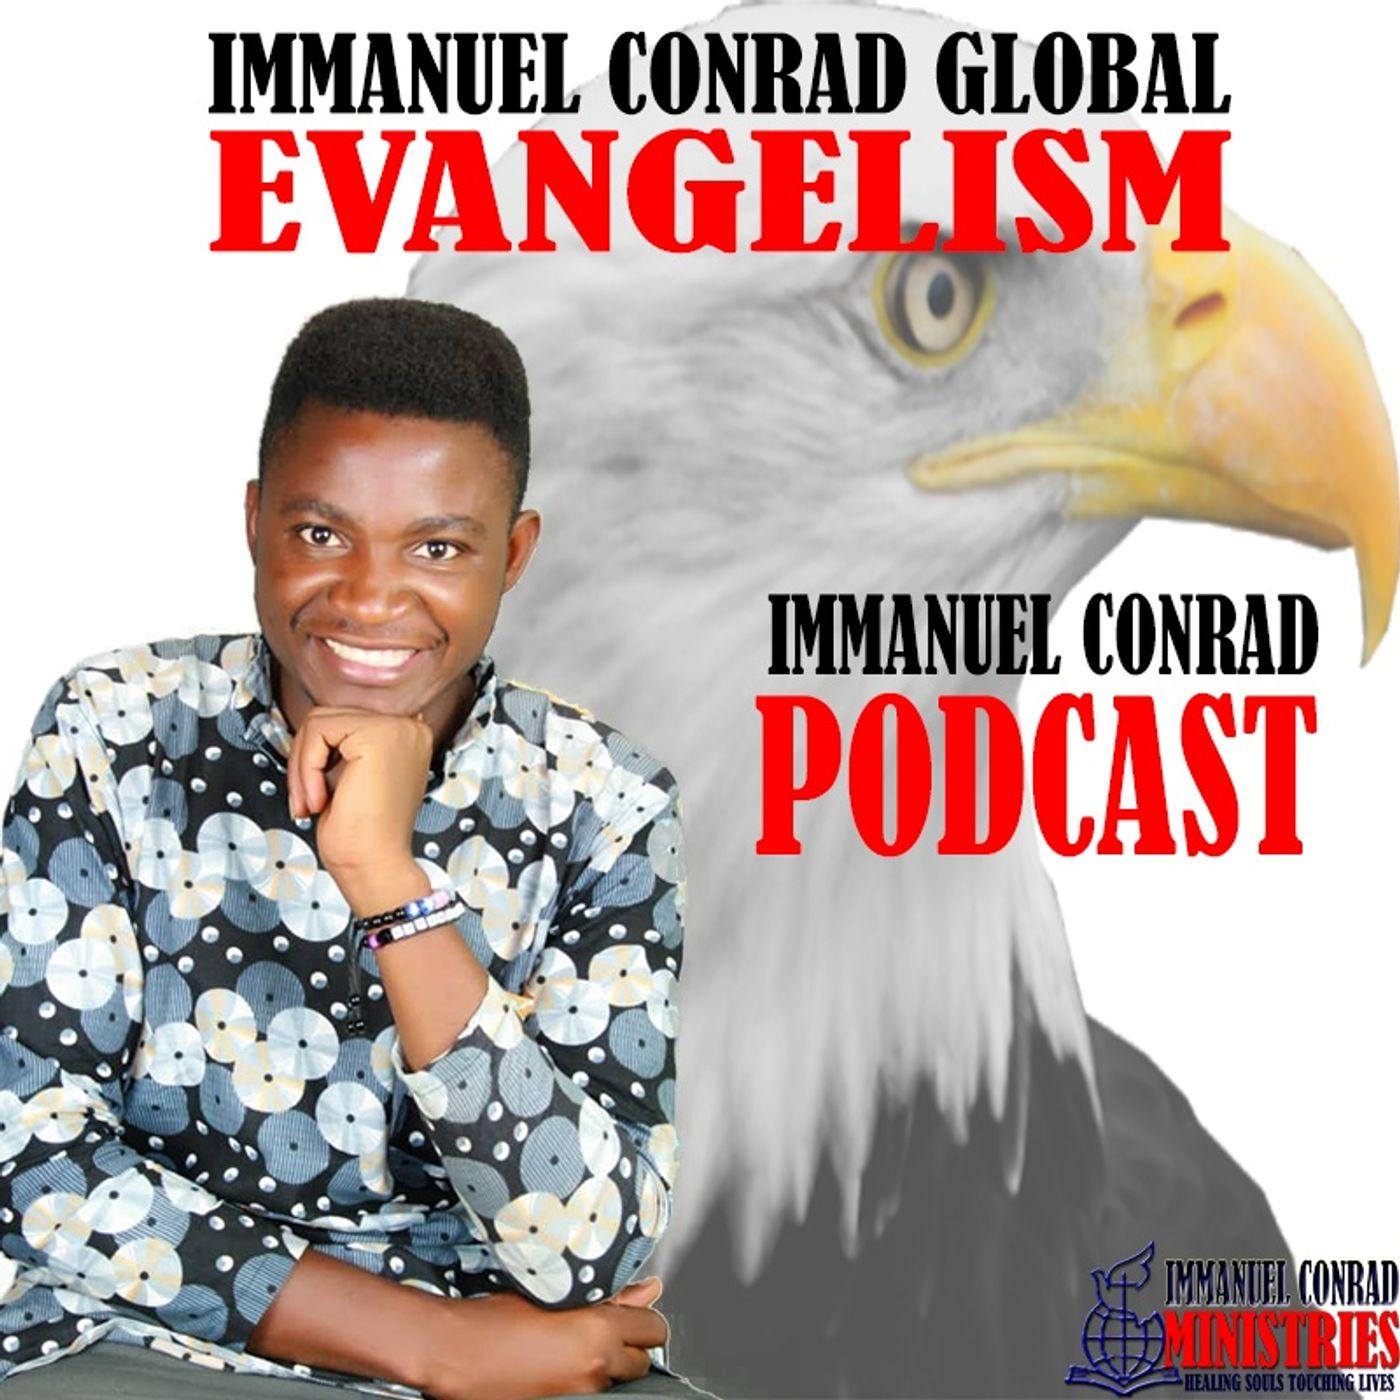 Immanuel Conrad